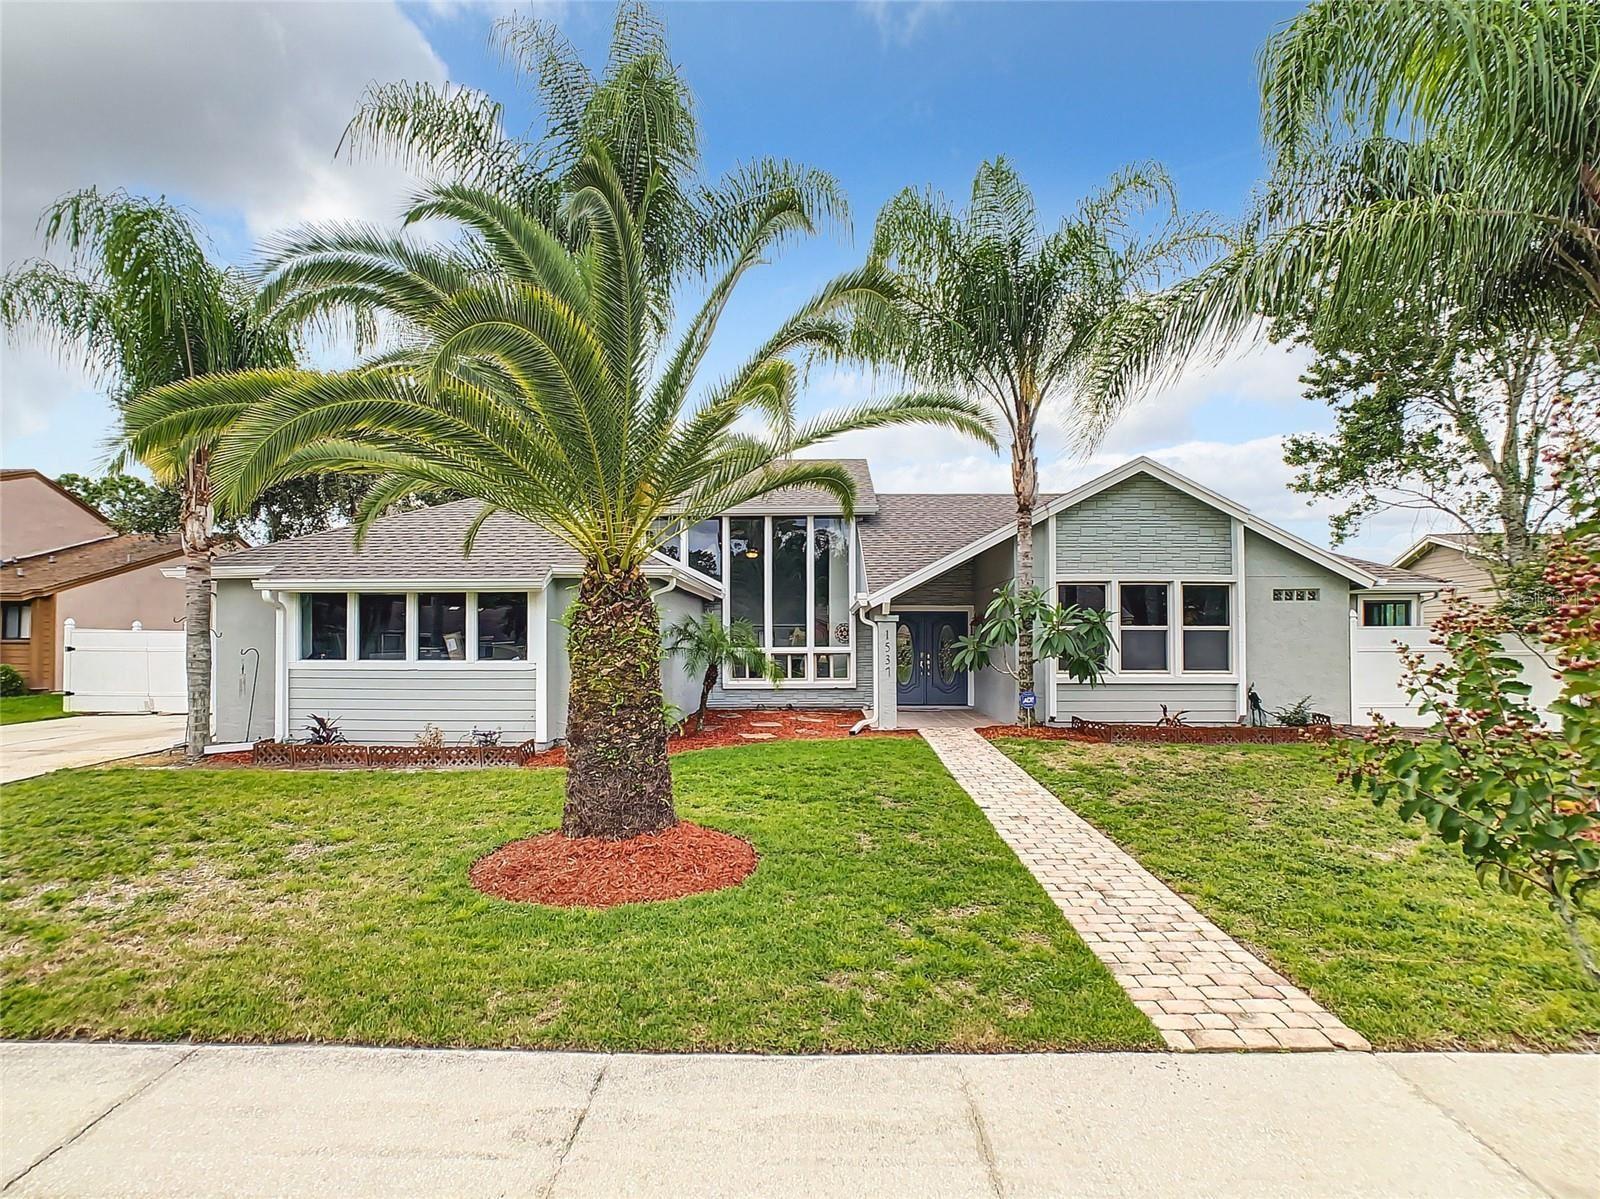 1537 SUGARWOOD CIRCLE, Winter Park, FL 32792 - #: O5971137